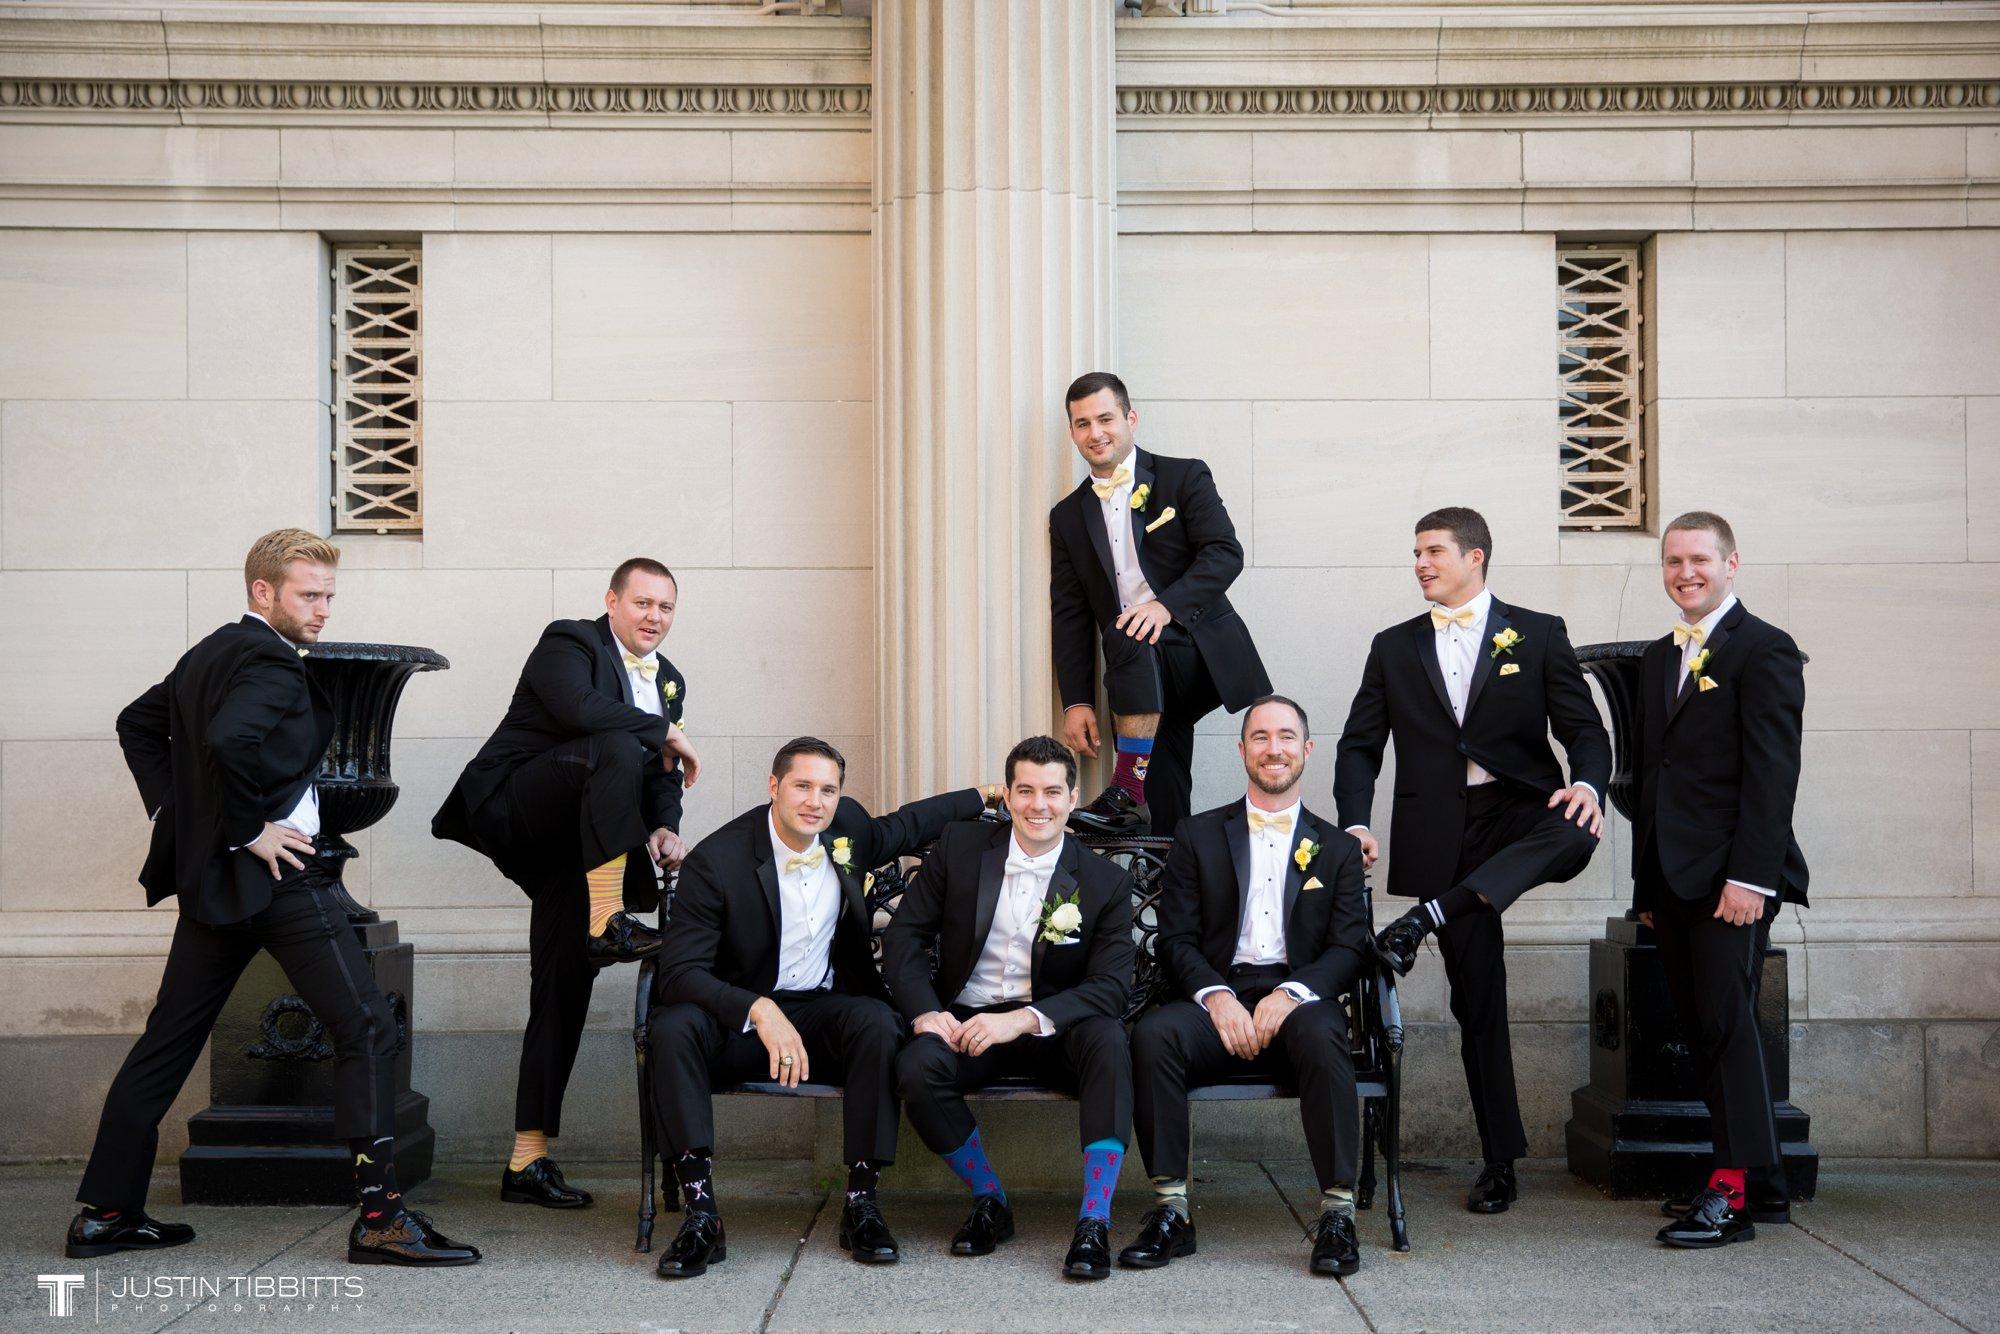 Albany NY Wedding Photographer Justin Tibbitts Photography 2014 Best of Albany NY Weddings-248254